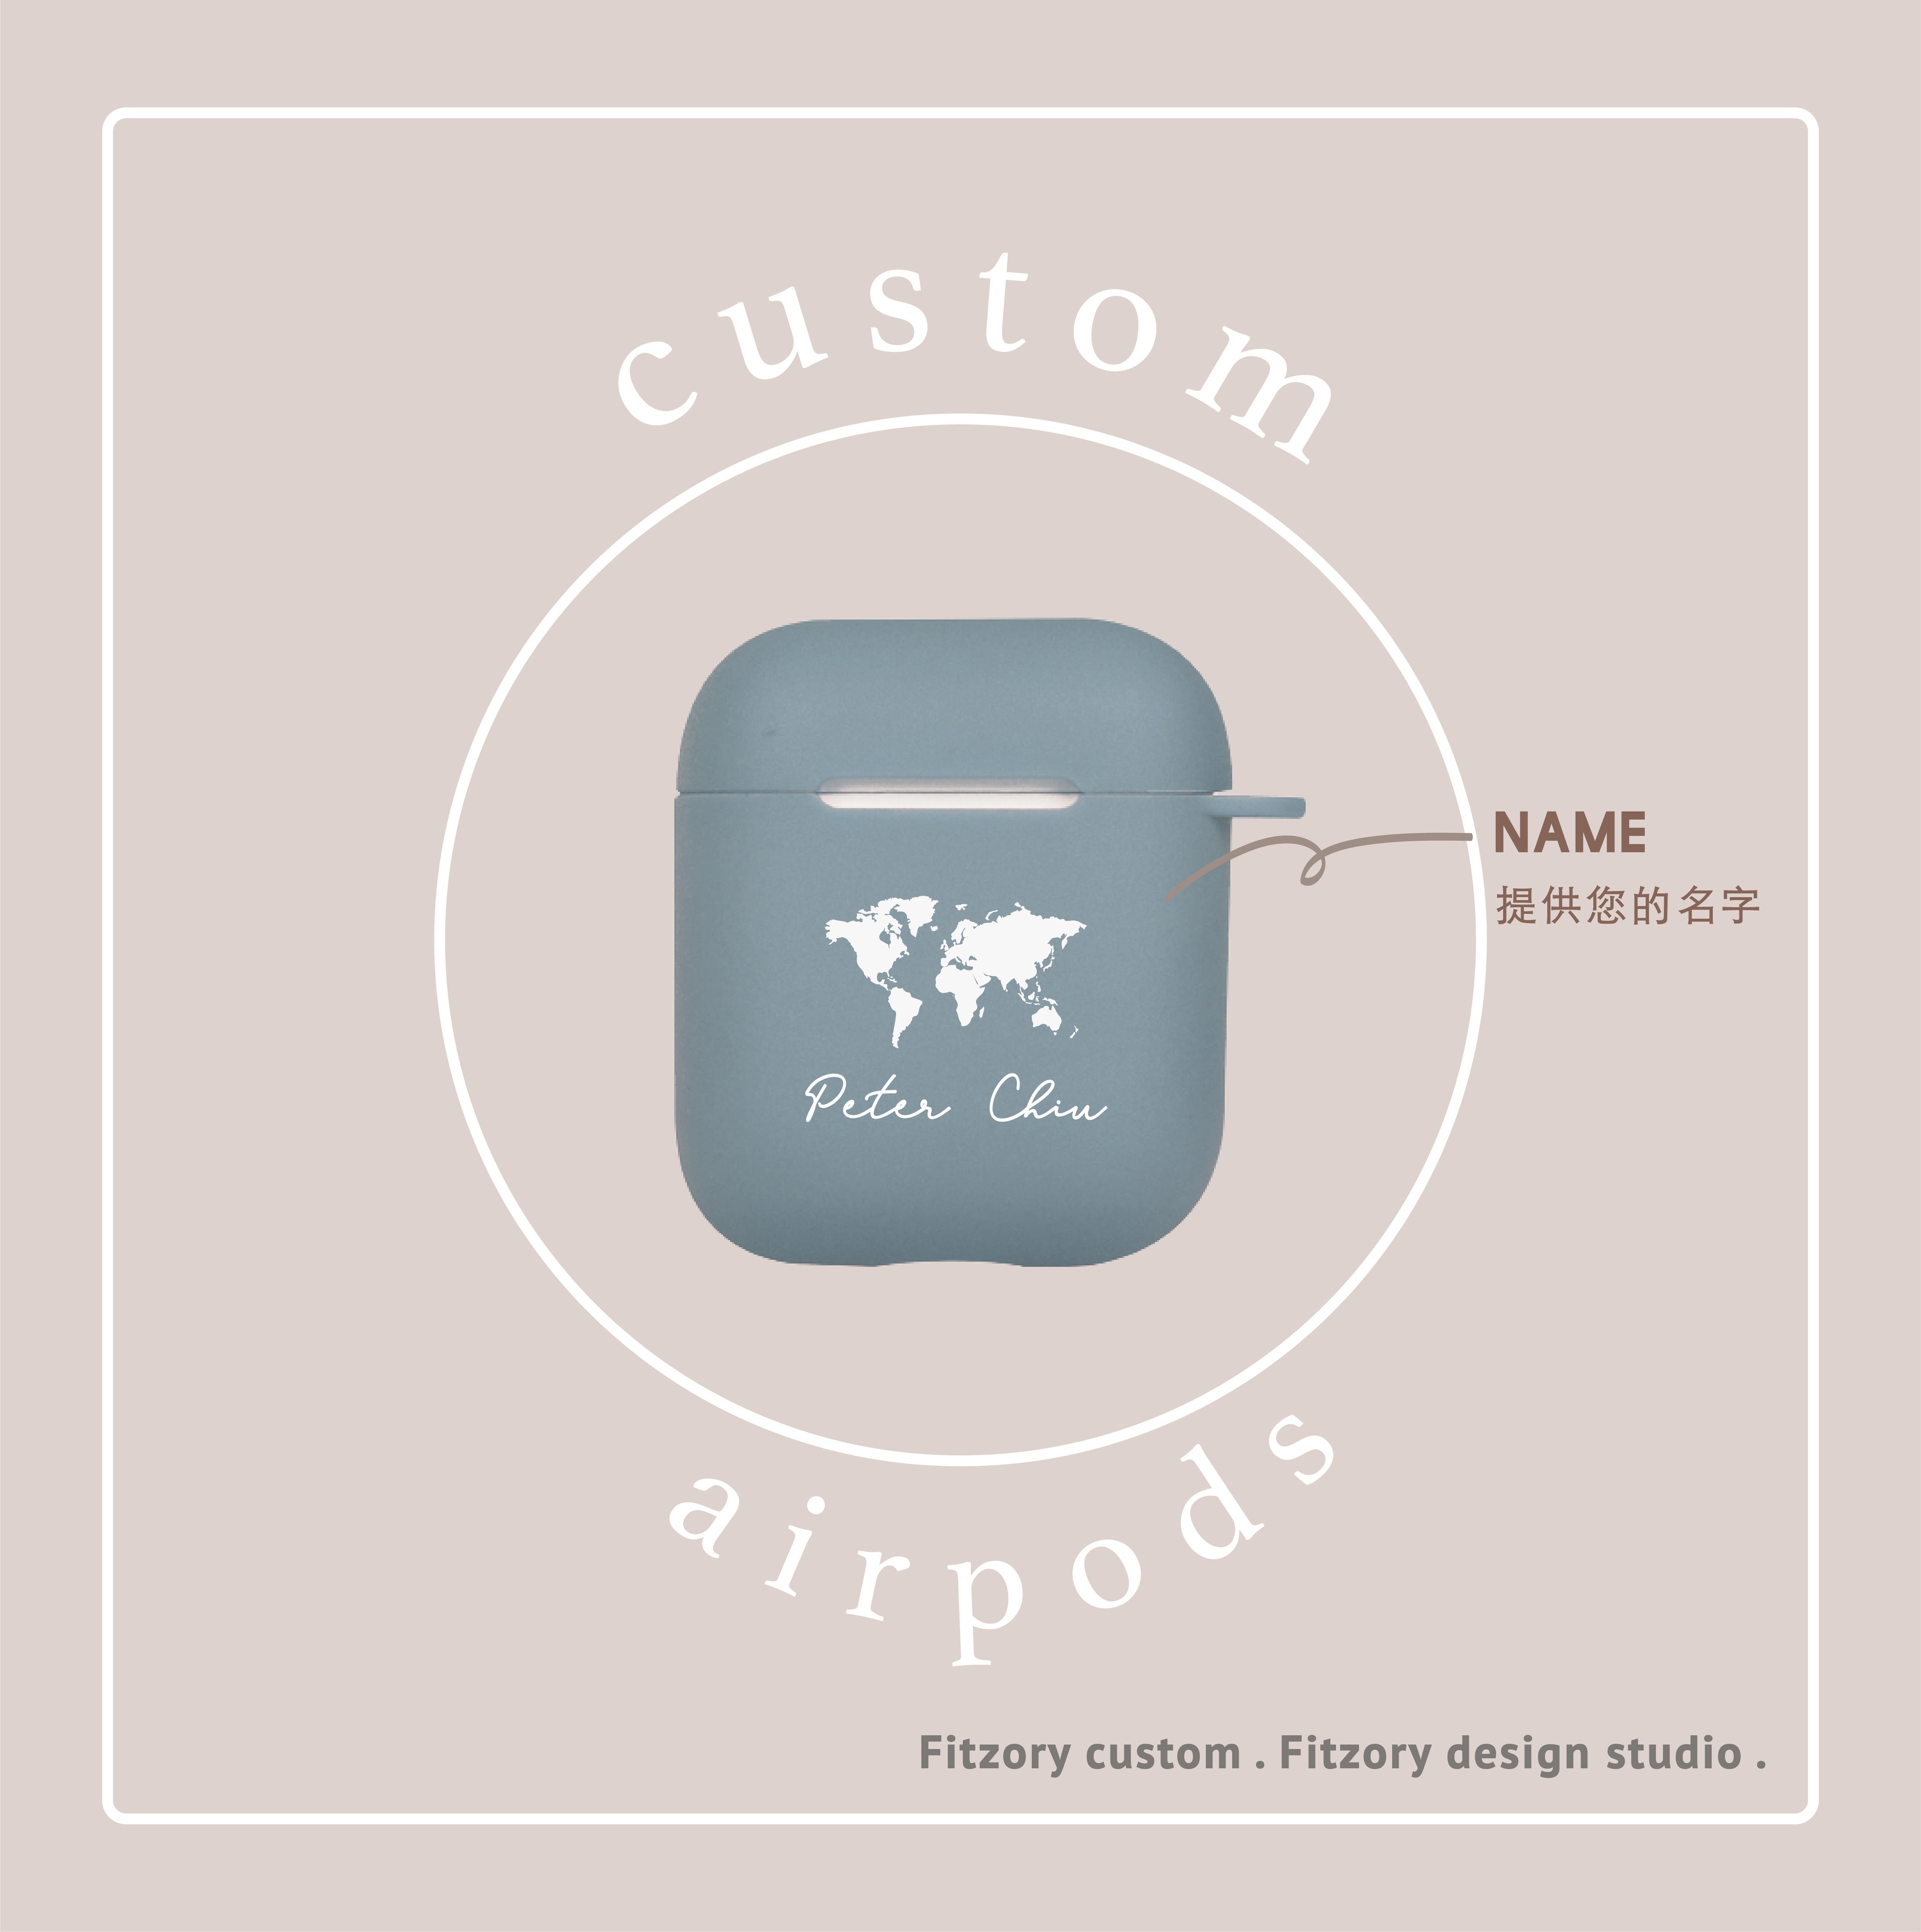 原有客製化airpods -50.jpg